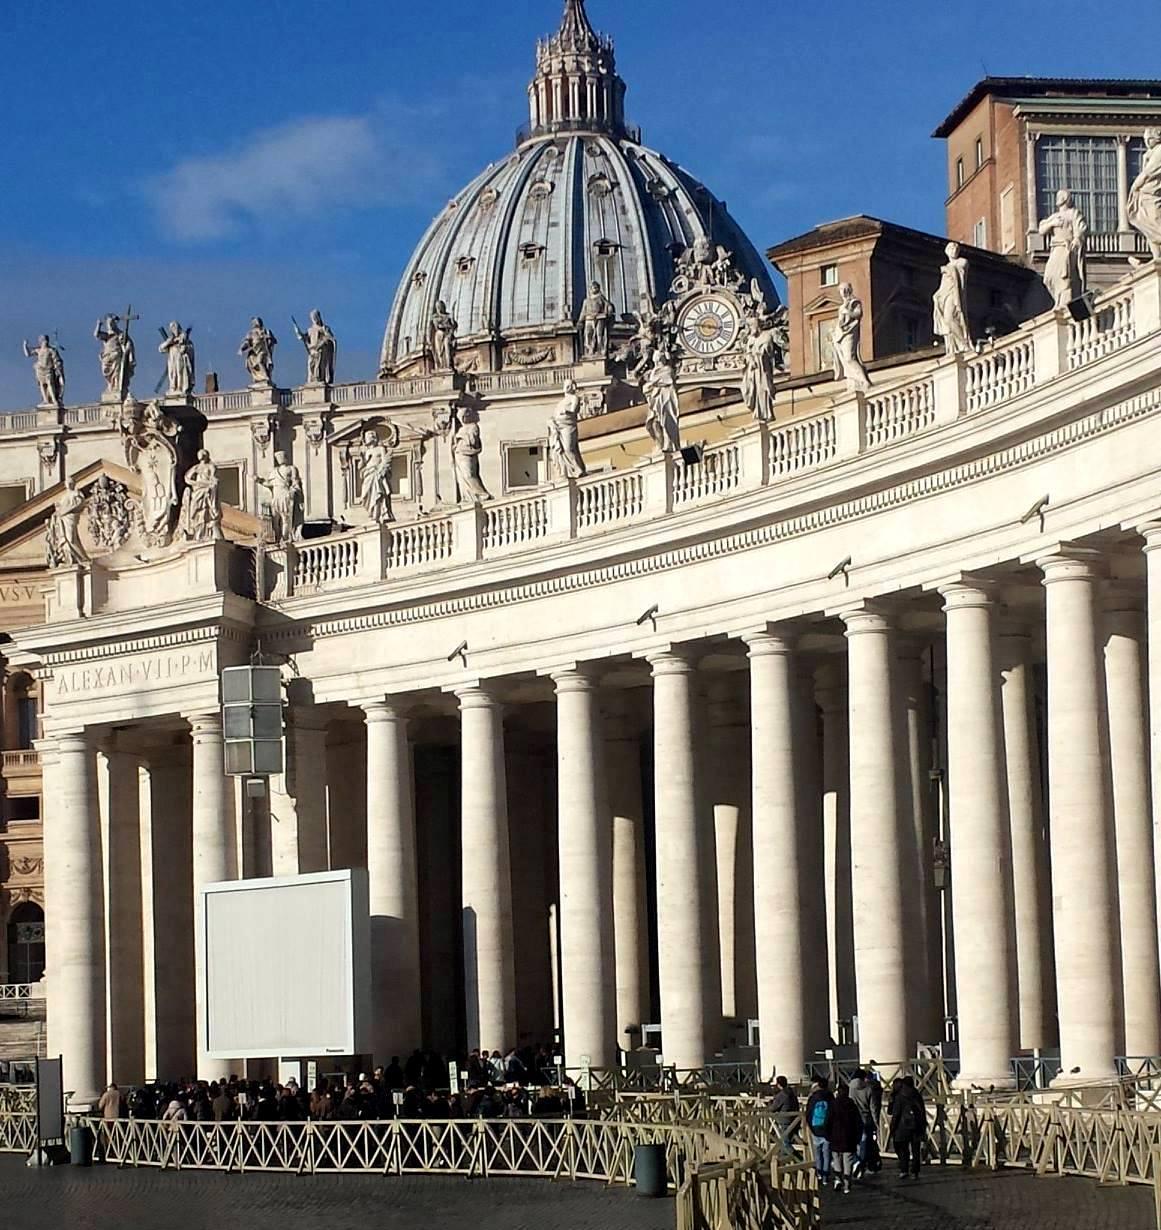 Visitar a Basílica de São Pedro - Blog Vou pra Roma